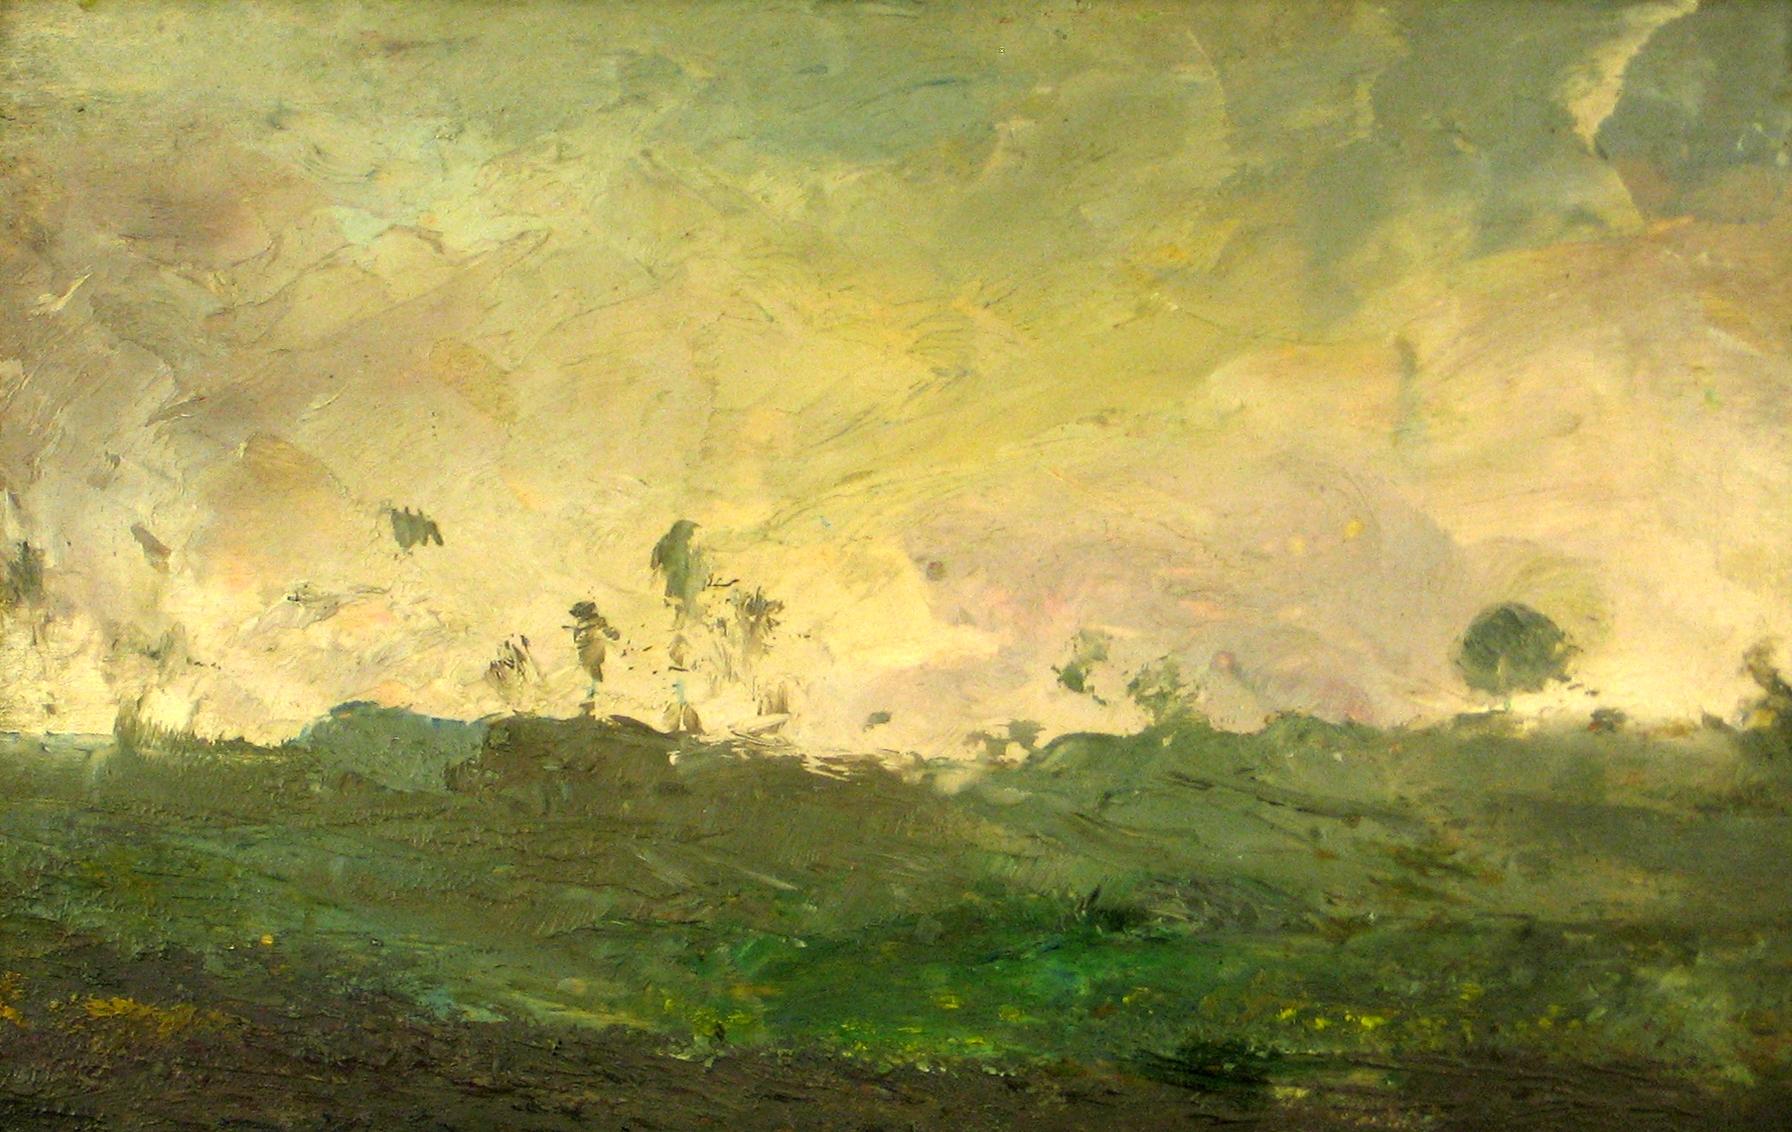 102-7kn.jpg (1792×1132)